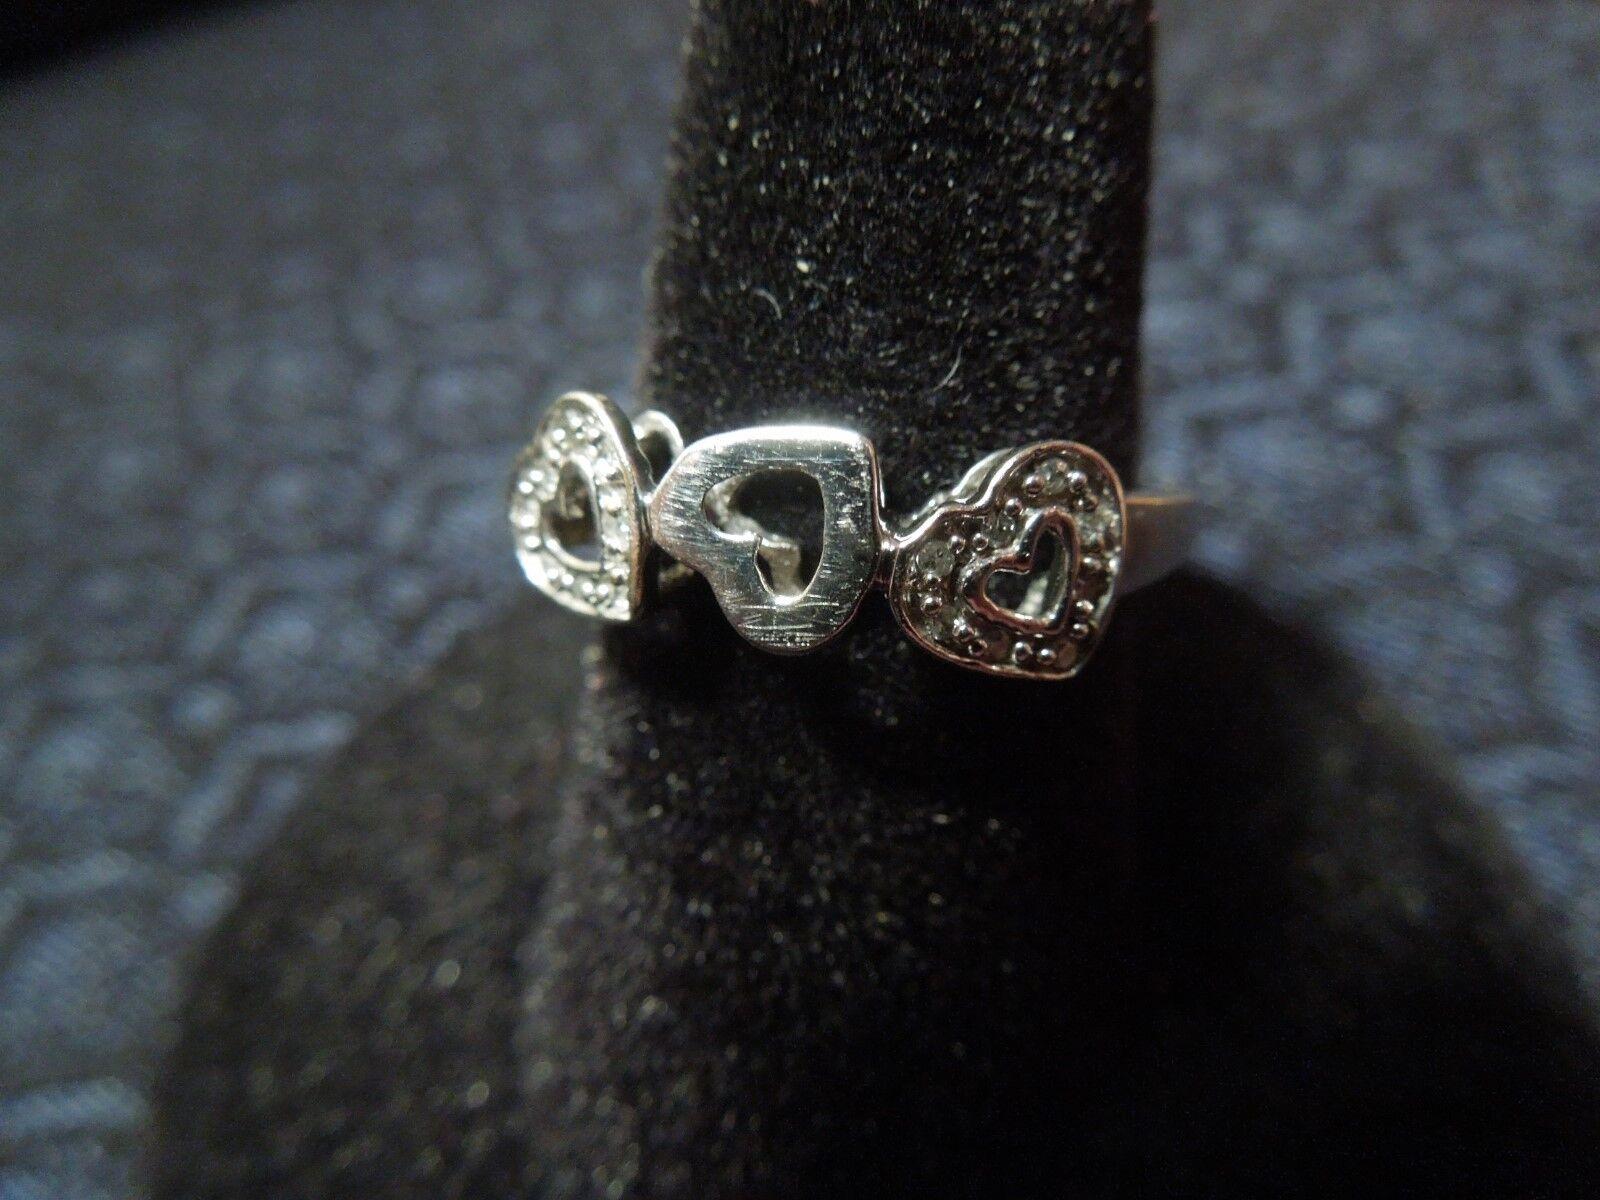 10K White gold White Sapphire Past Present Future Heart Ring, 6 1 4, 1.7g